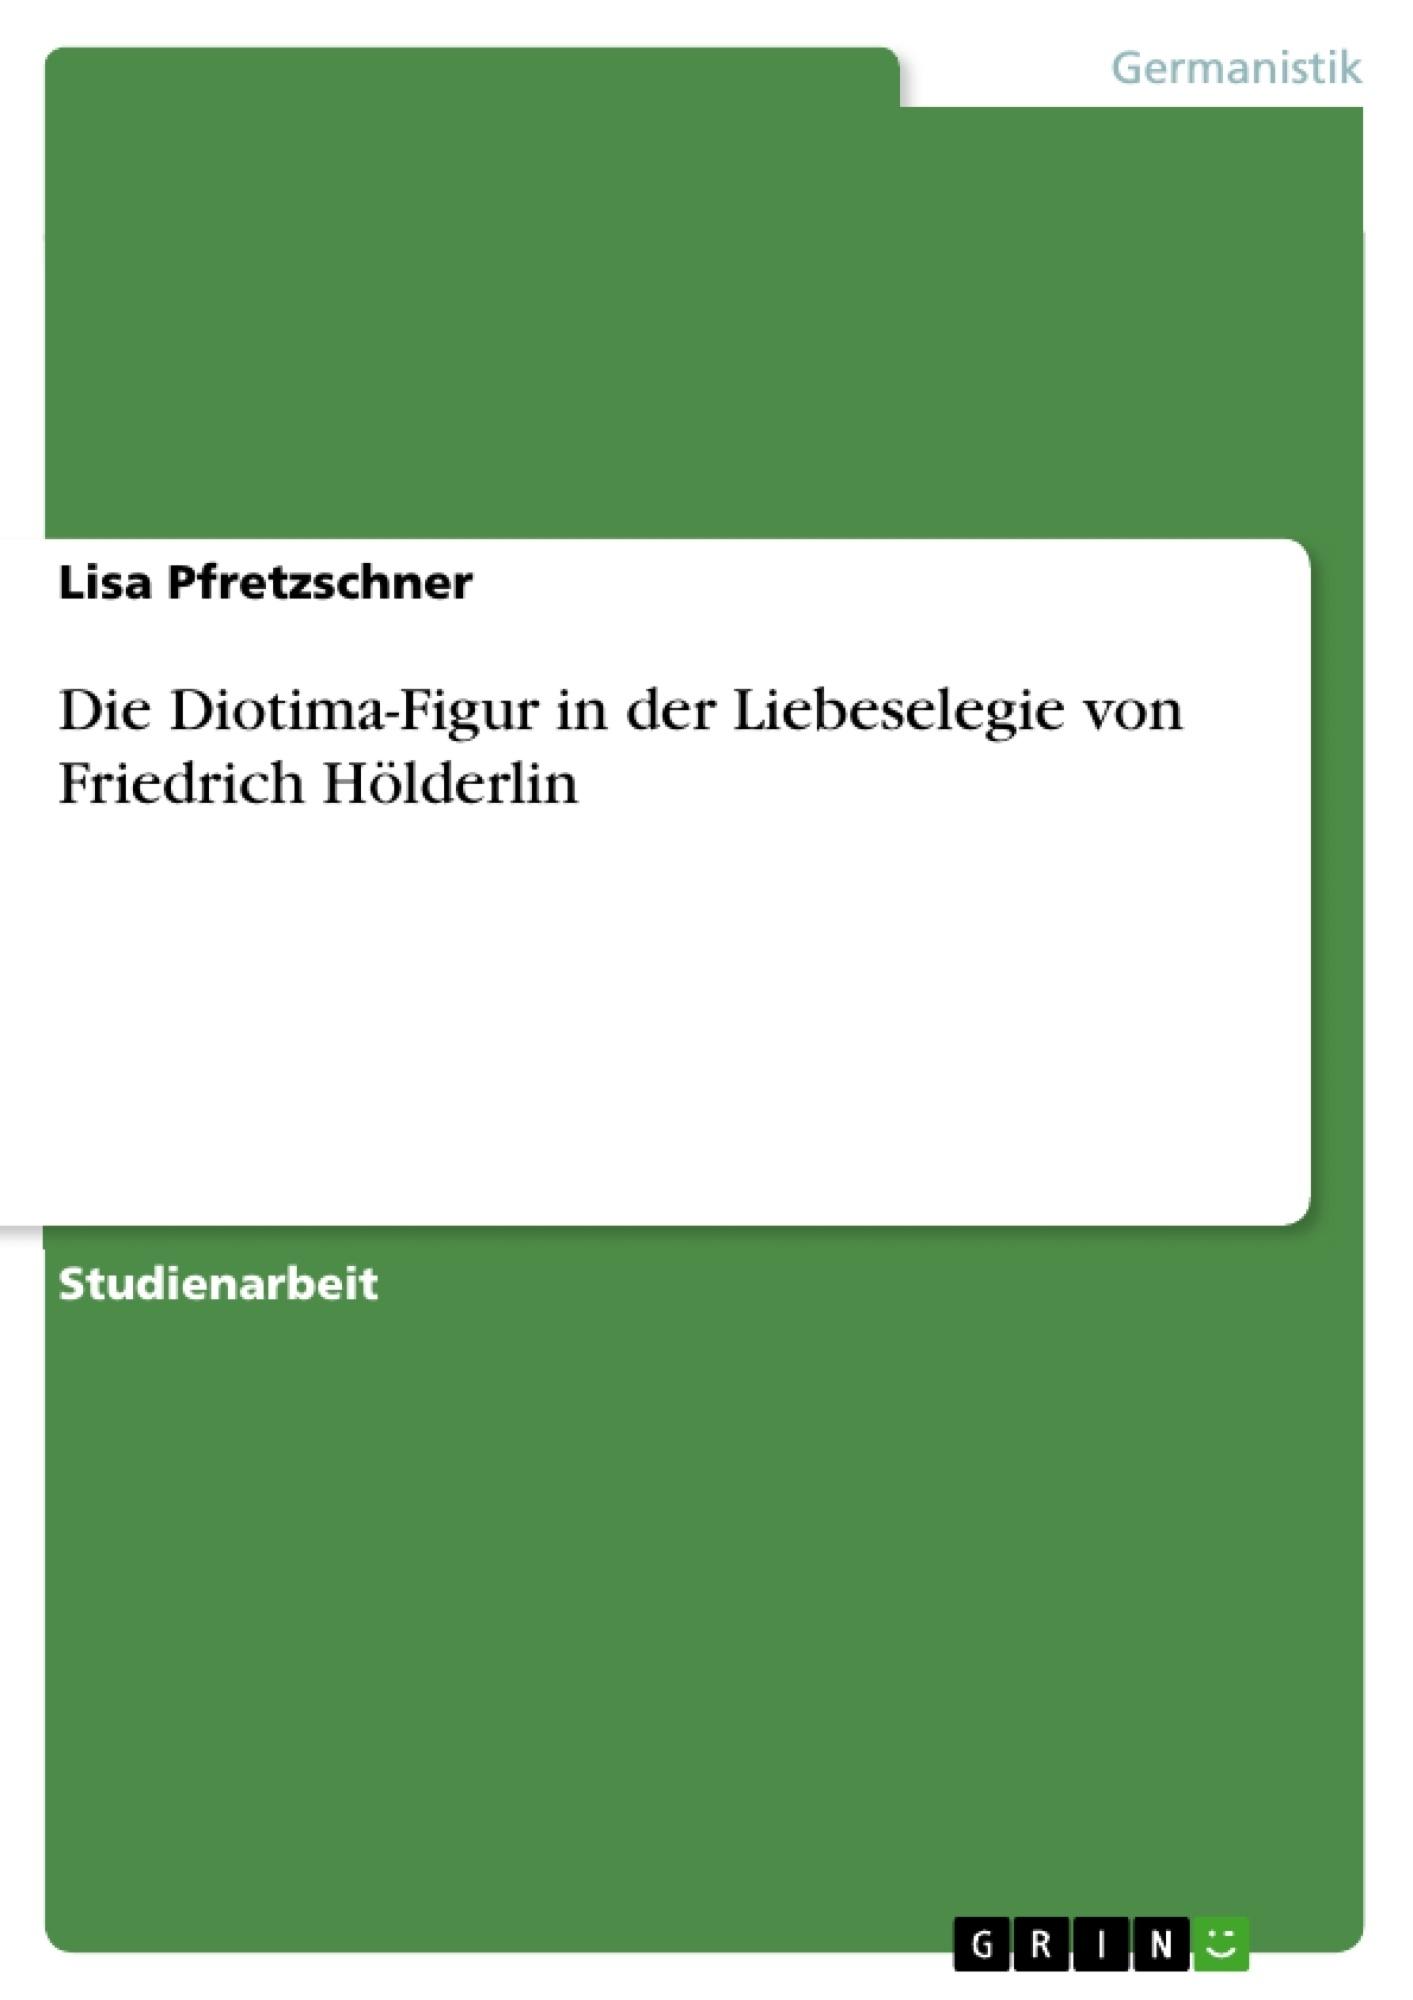 Titel: Die Diotima-Figur in der Liebeselegie von Friedrich Hölderlin